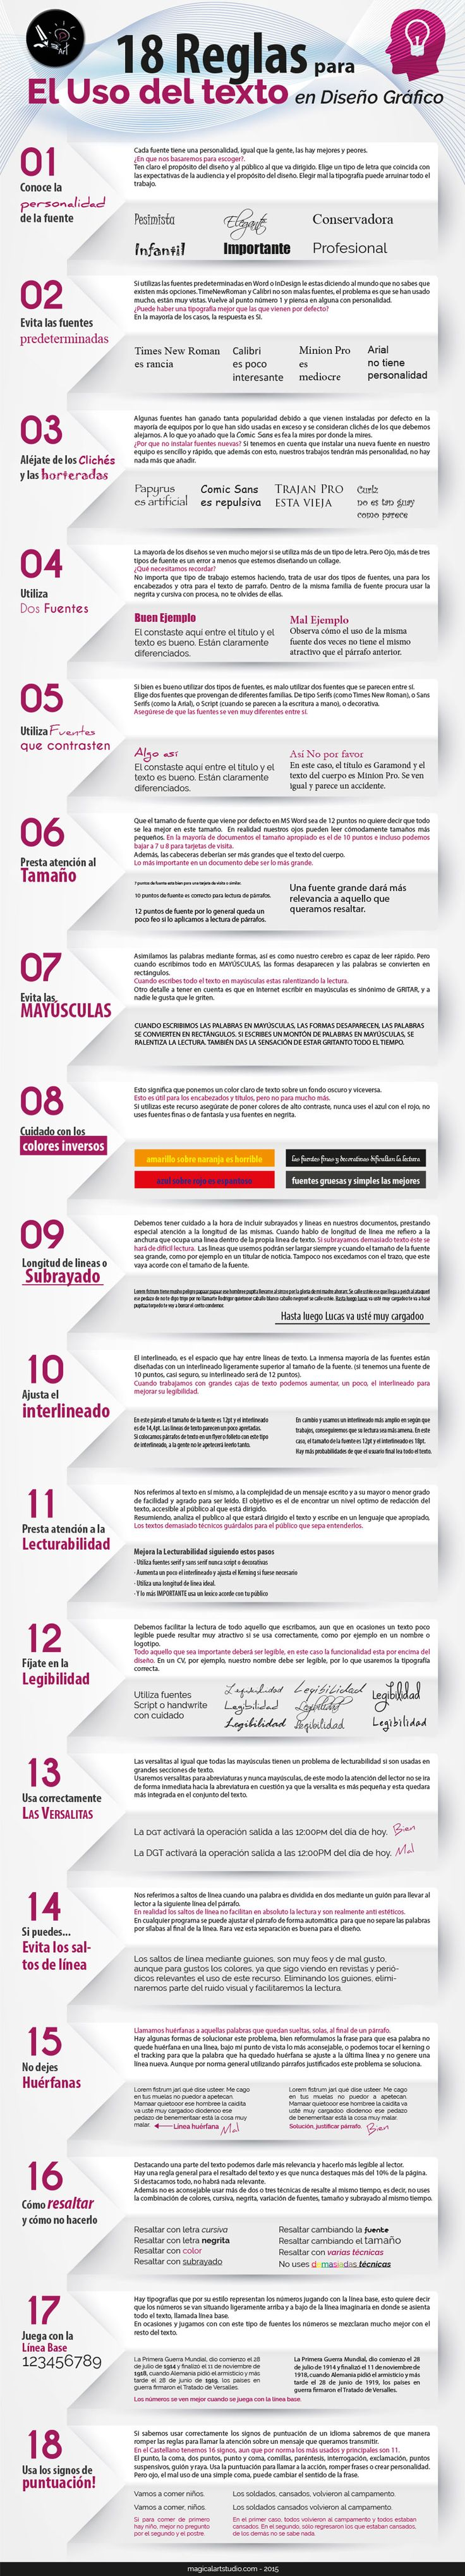 Infografía 18 Reglas para Correcto Uso del Texto en Diseño   Magical Art Studio